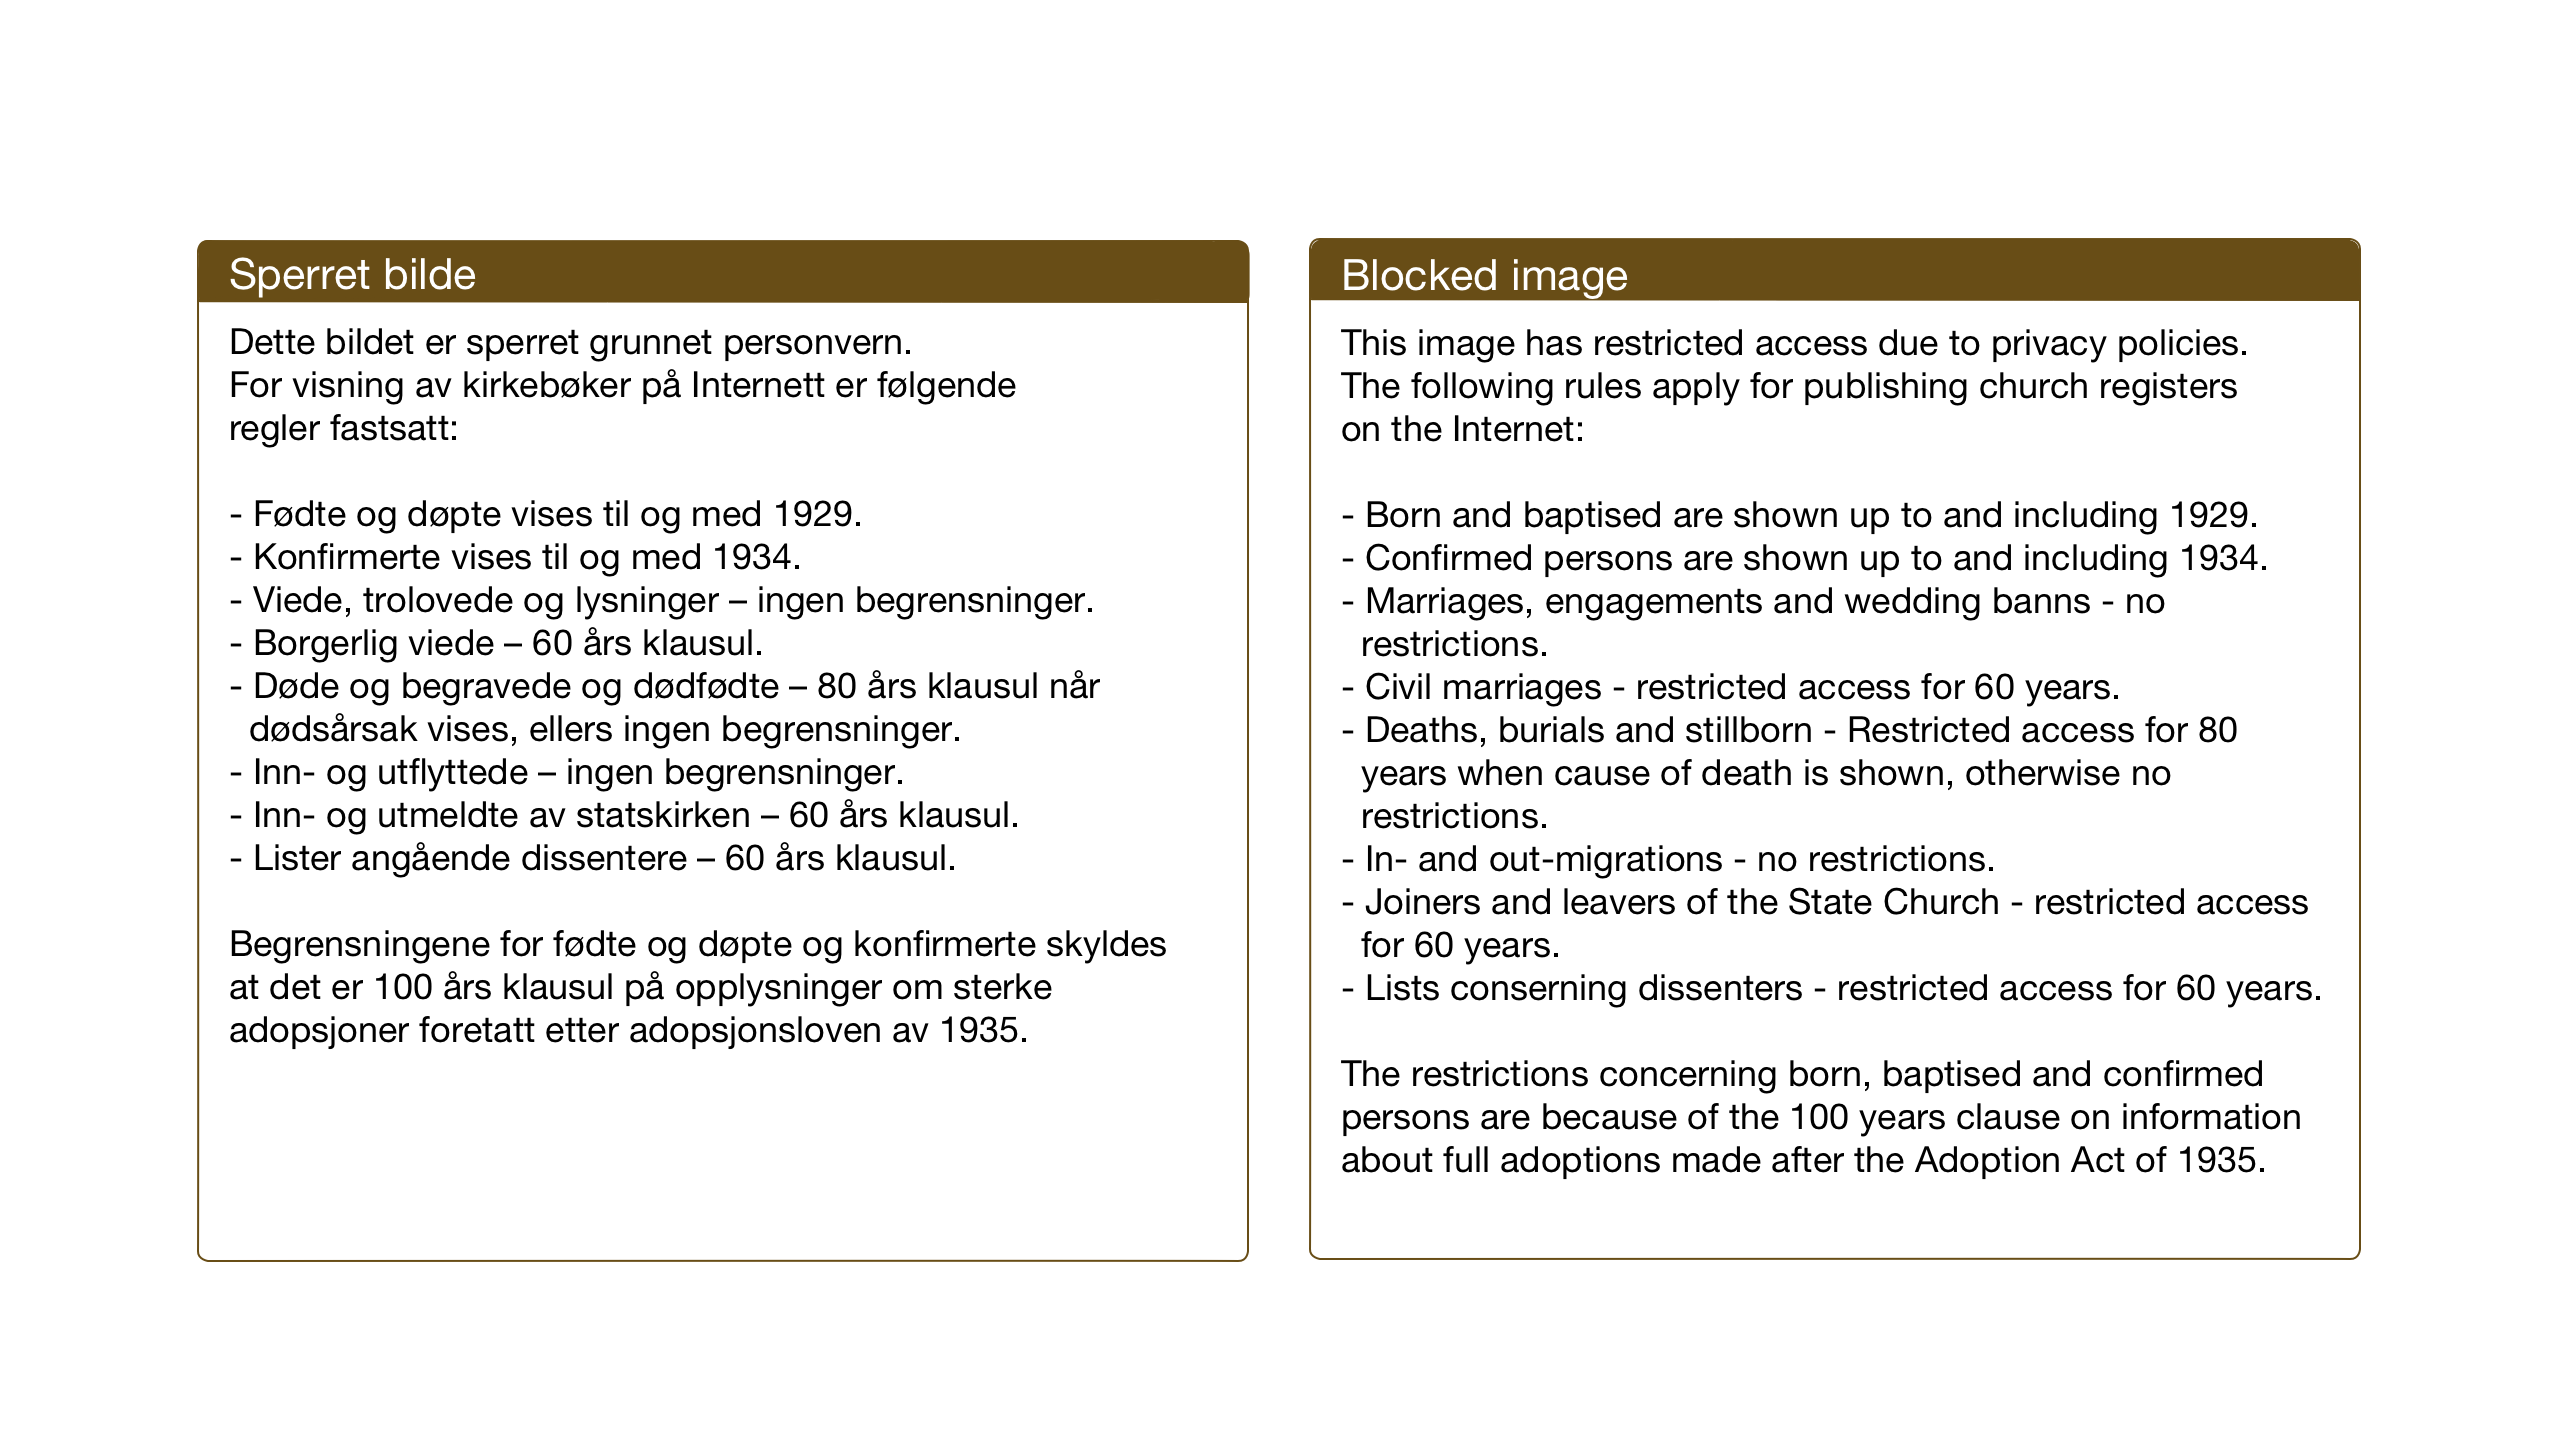 SAT, Ministerialprotokoller, klokkerbøker og fødselsregistre - Sør-Trøndelag, 681/L0944: Klokkerbok nr. 681C08, 1926-1954, s. 17